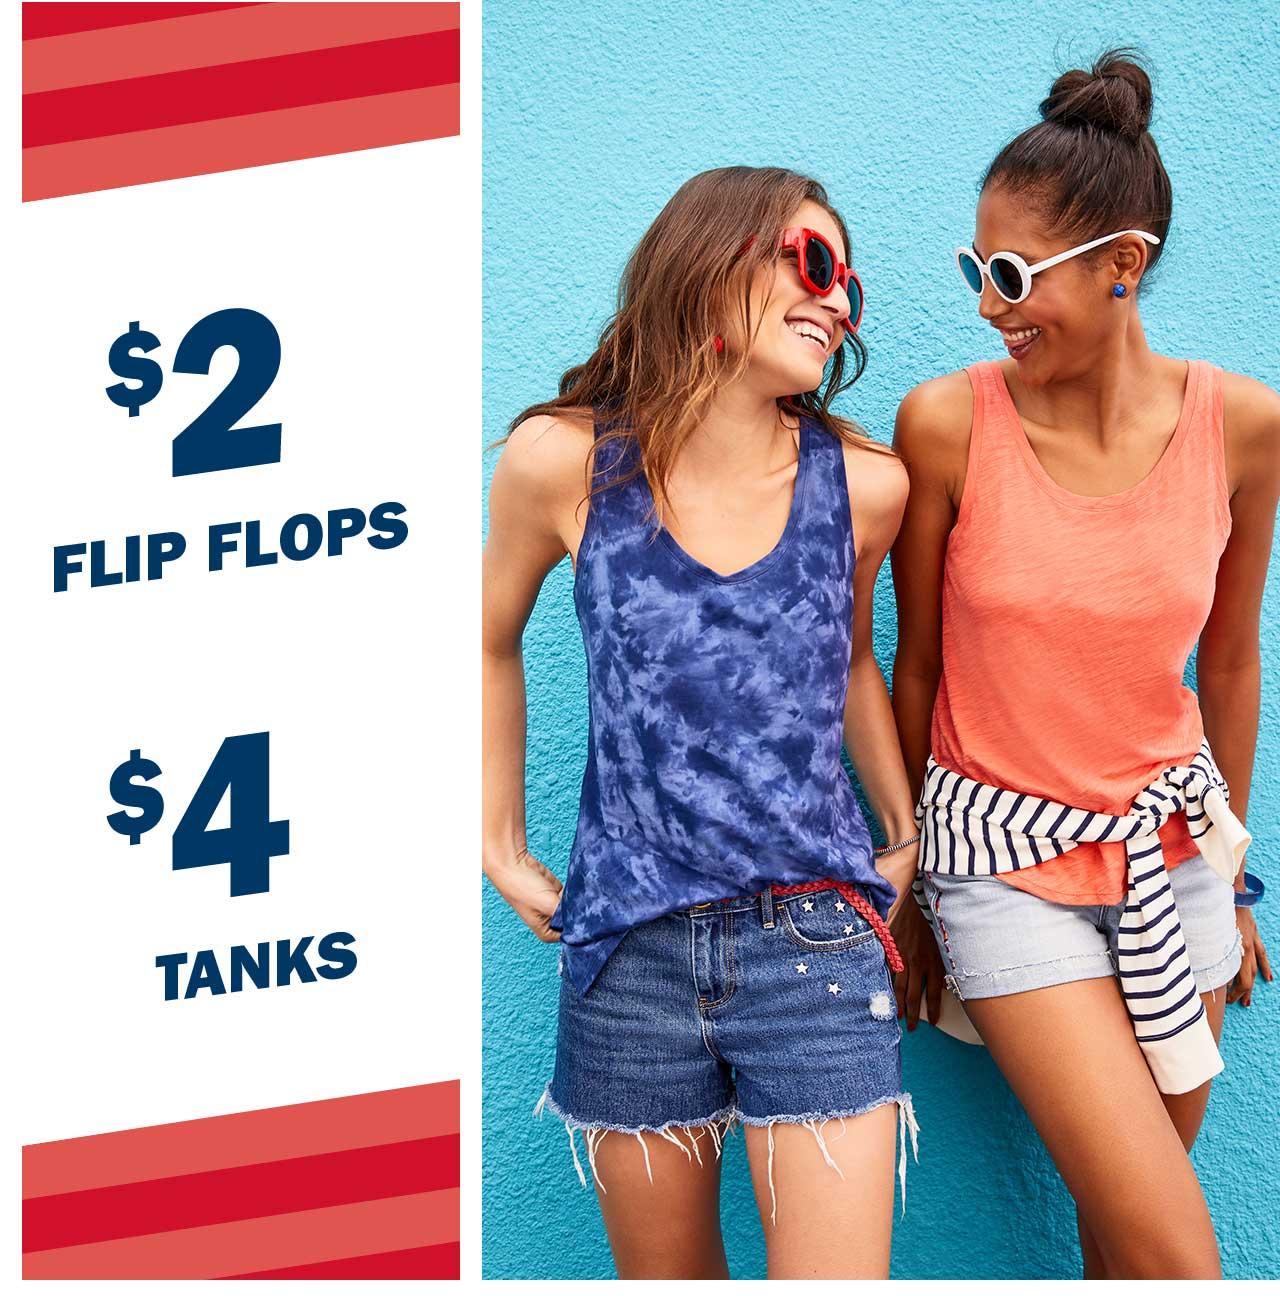 $2 FLIP FLOPS | $4 TANKS